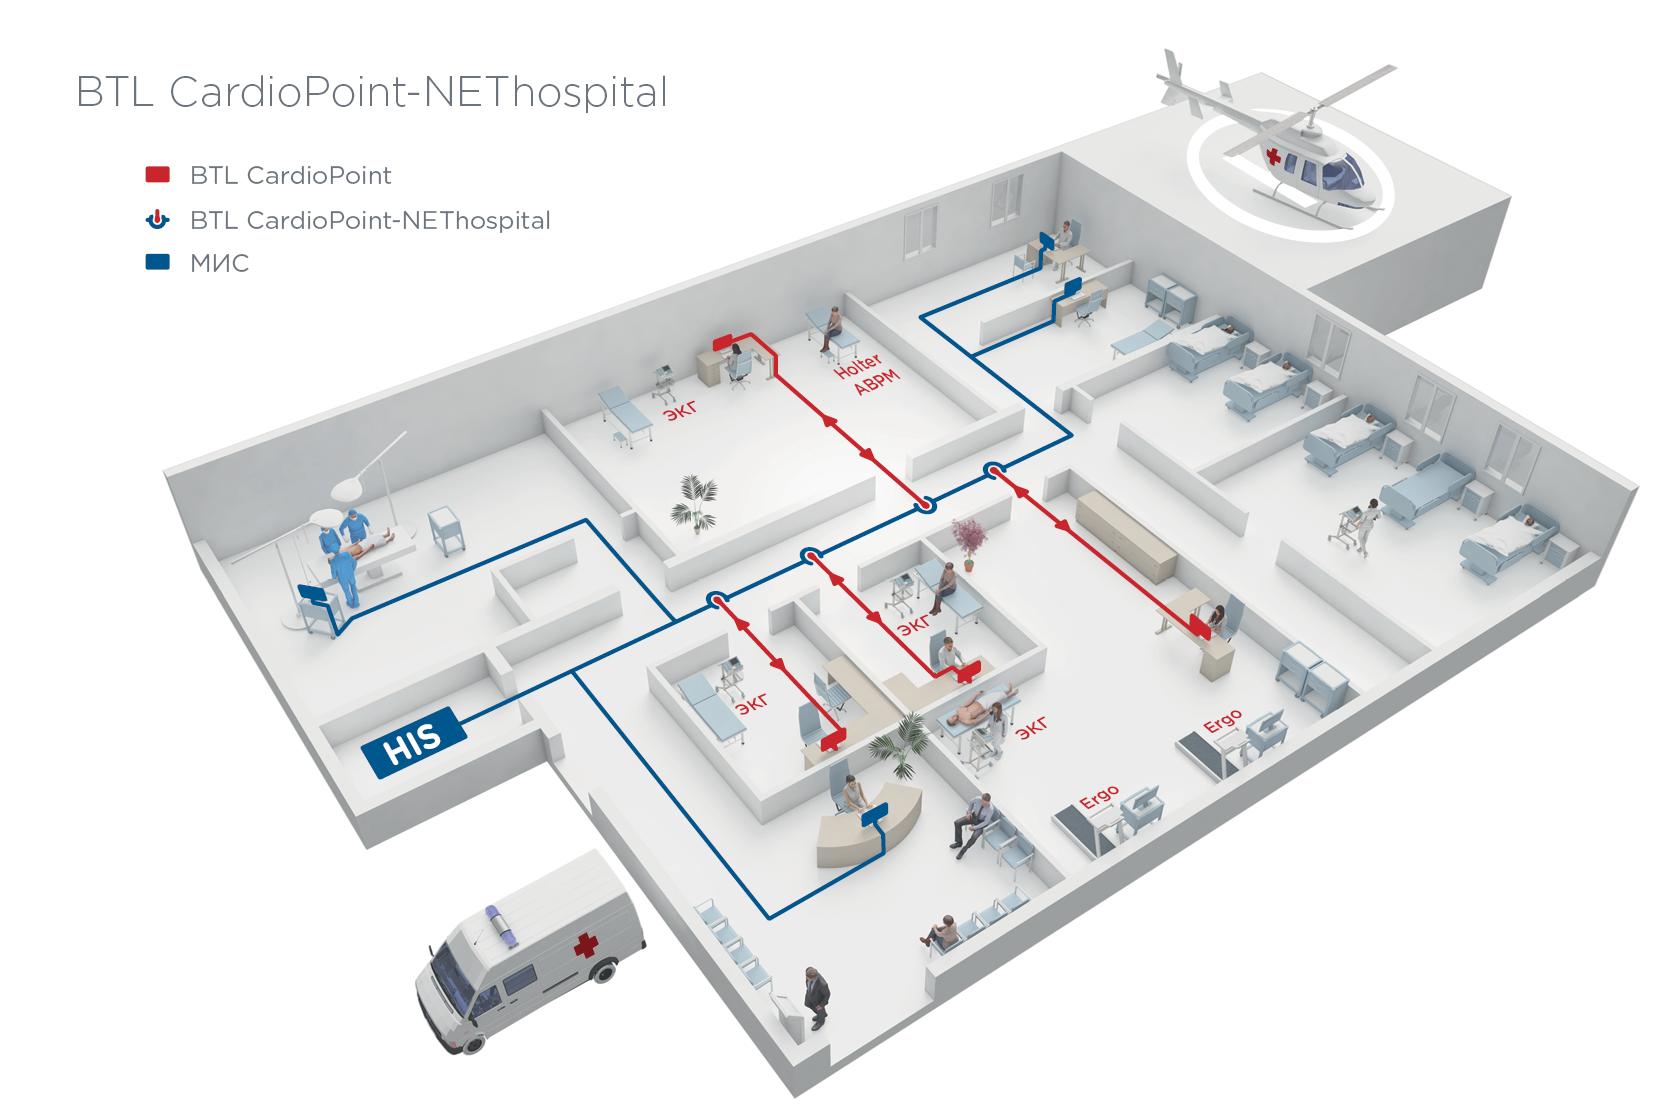 BTL_CardioPoint_NEThospital_RU3